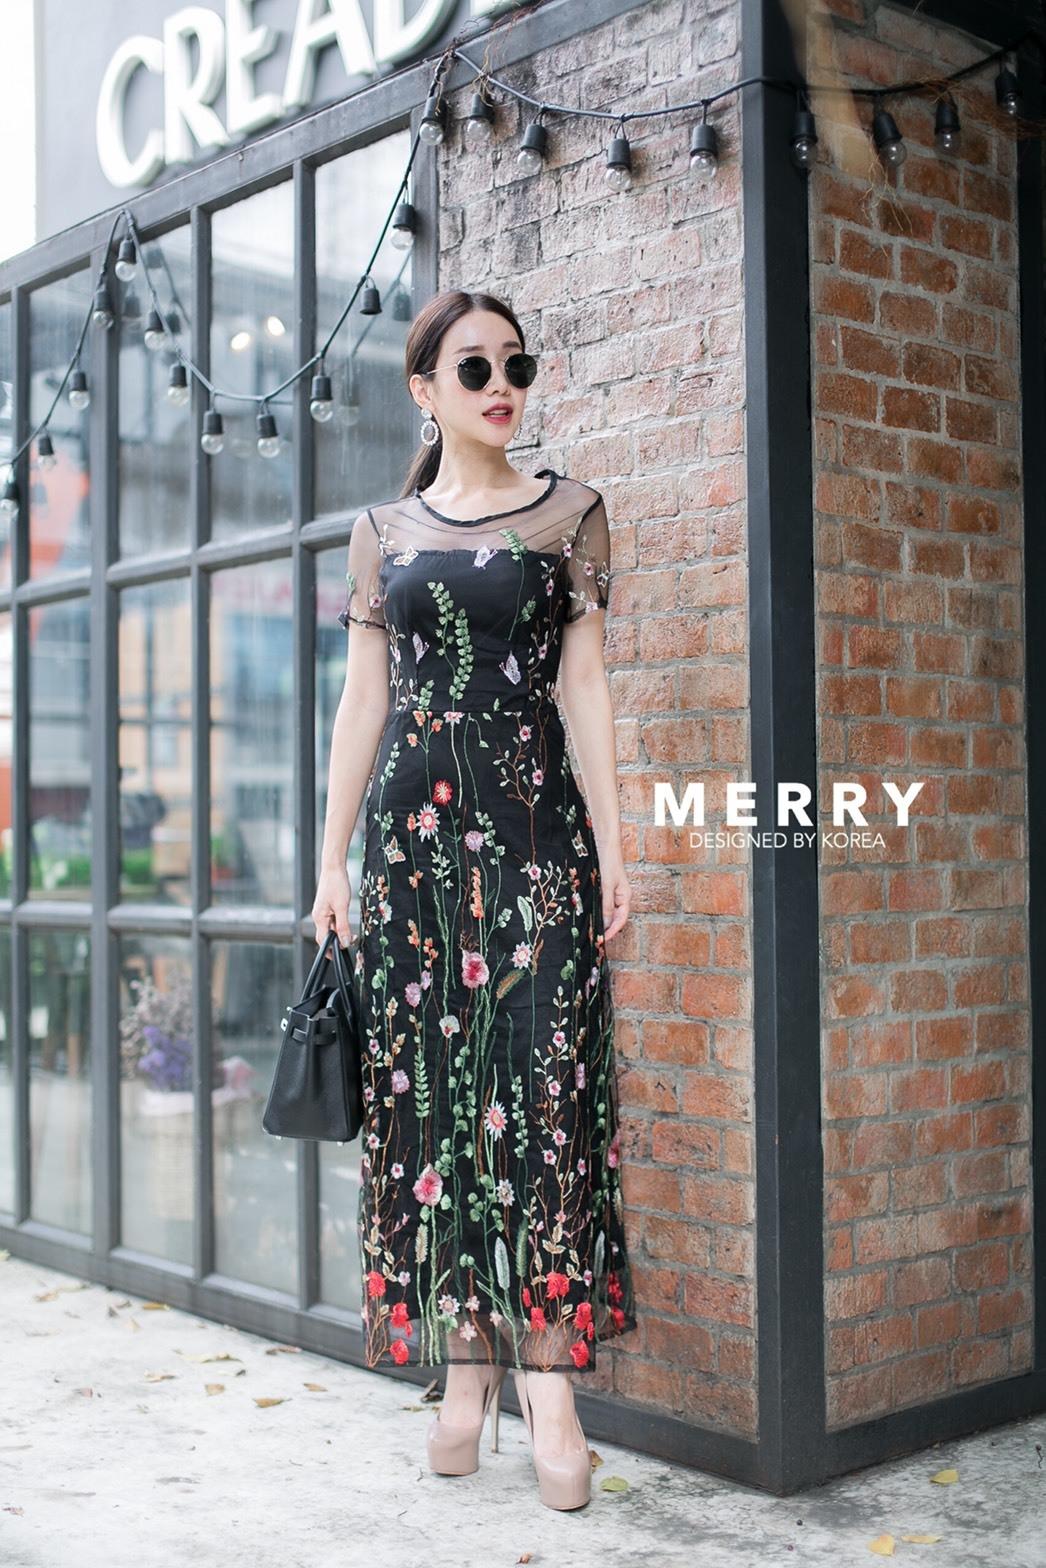 ชุดเดรสเกาหลี พร้อมส่ง ชุดเดรสยาว ผ้าปักแต่งดอกไม้